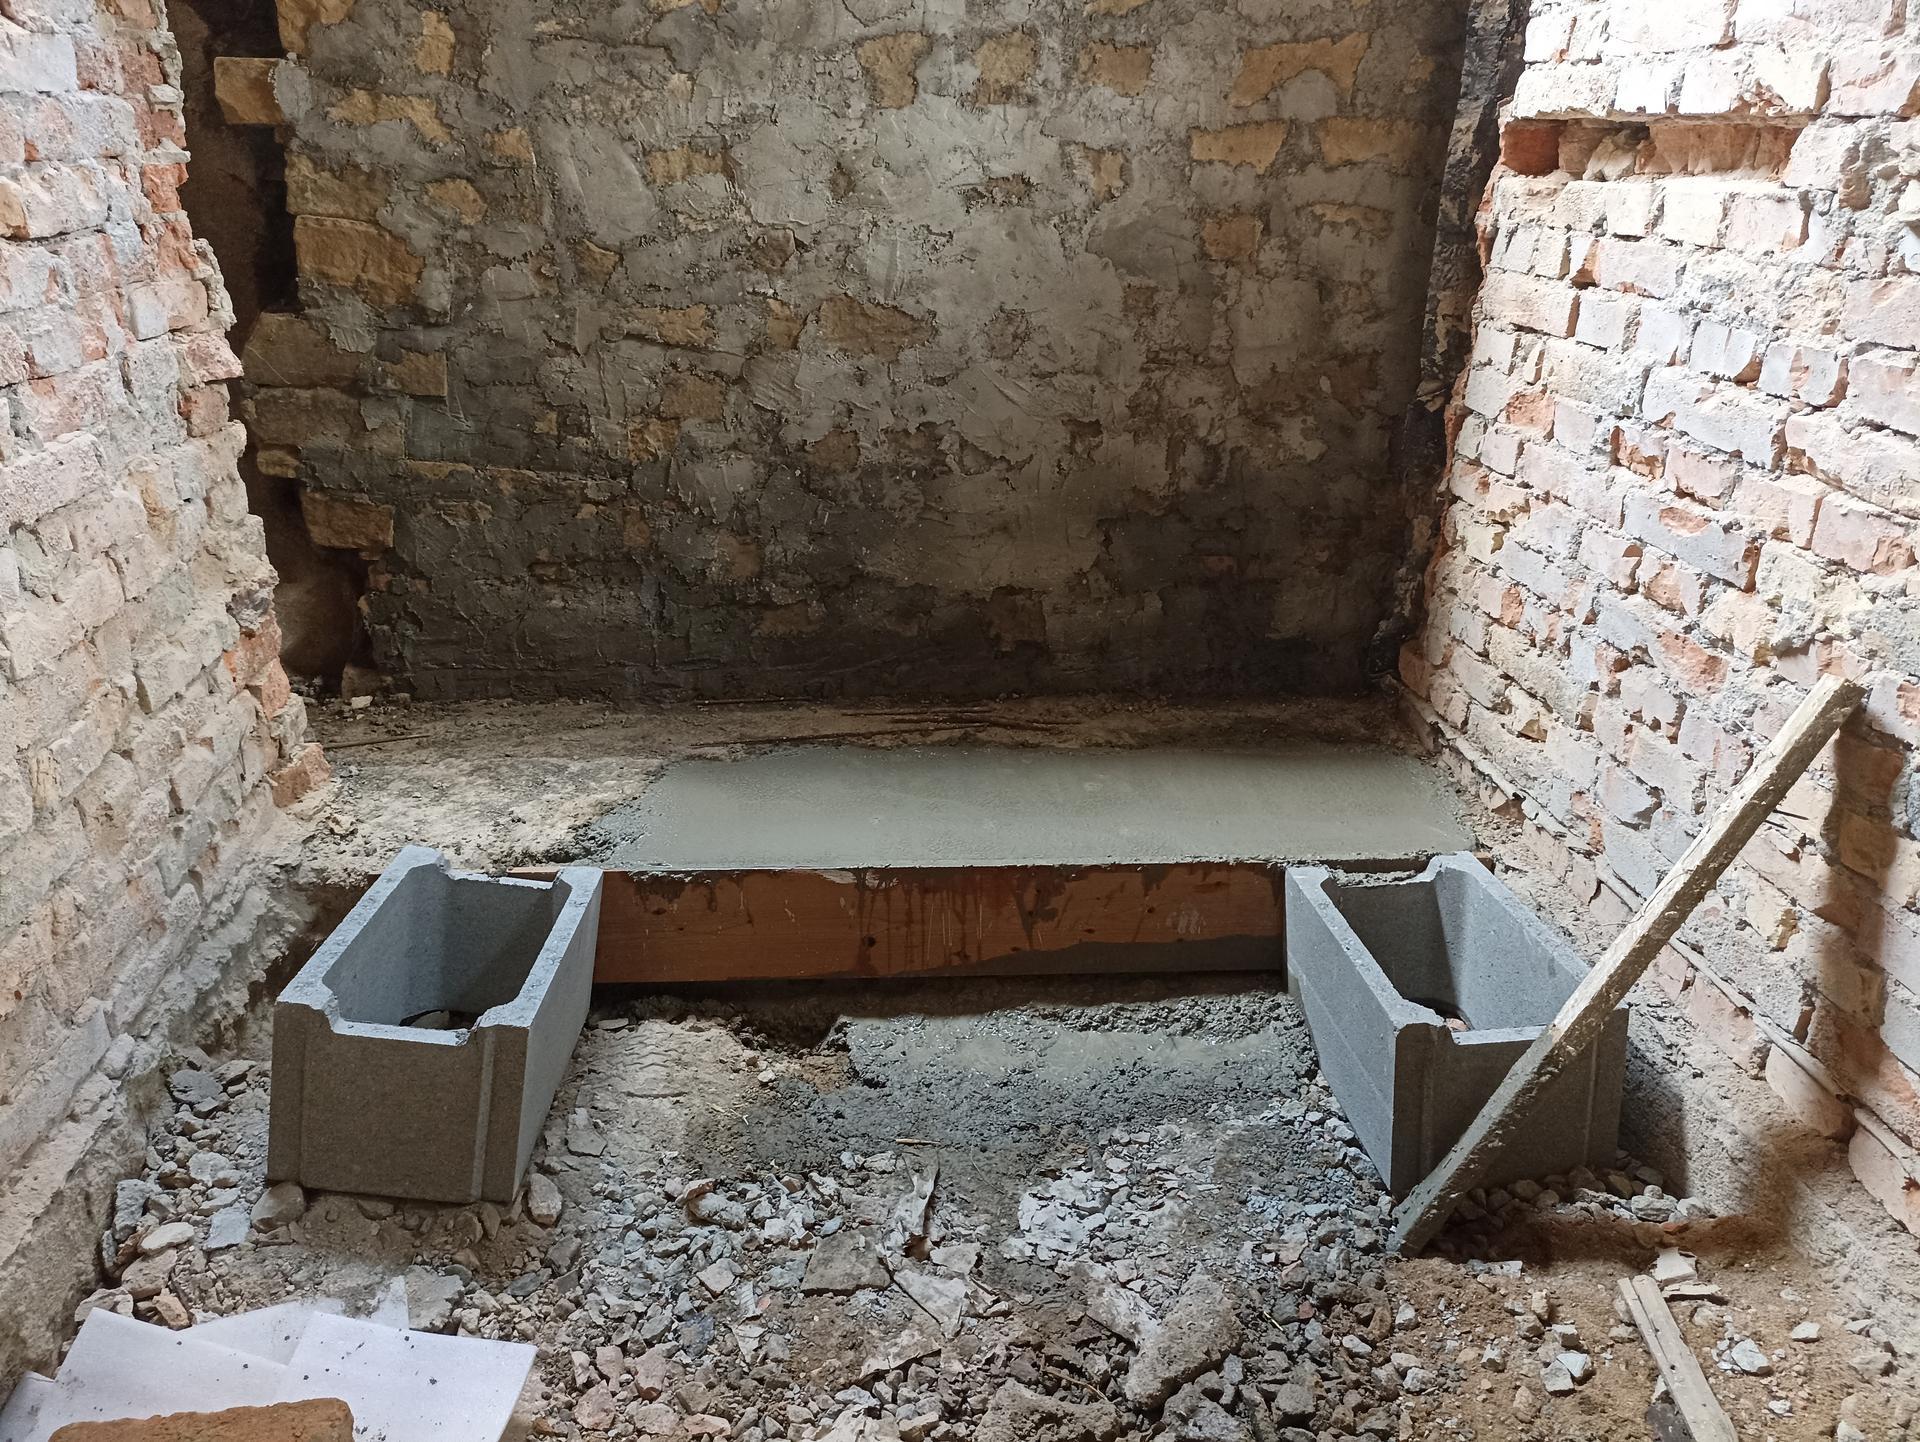 Koupelna - Zeď zpevněná, základ vylitej